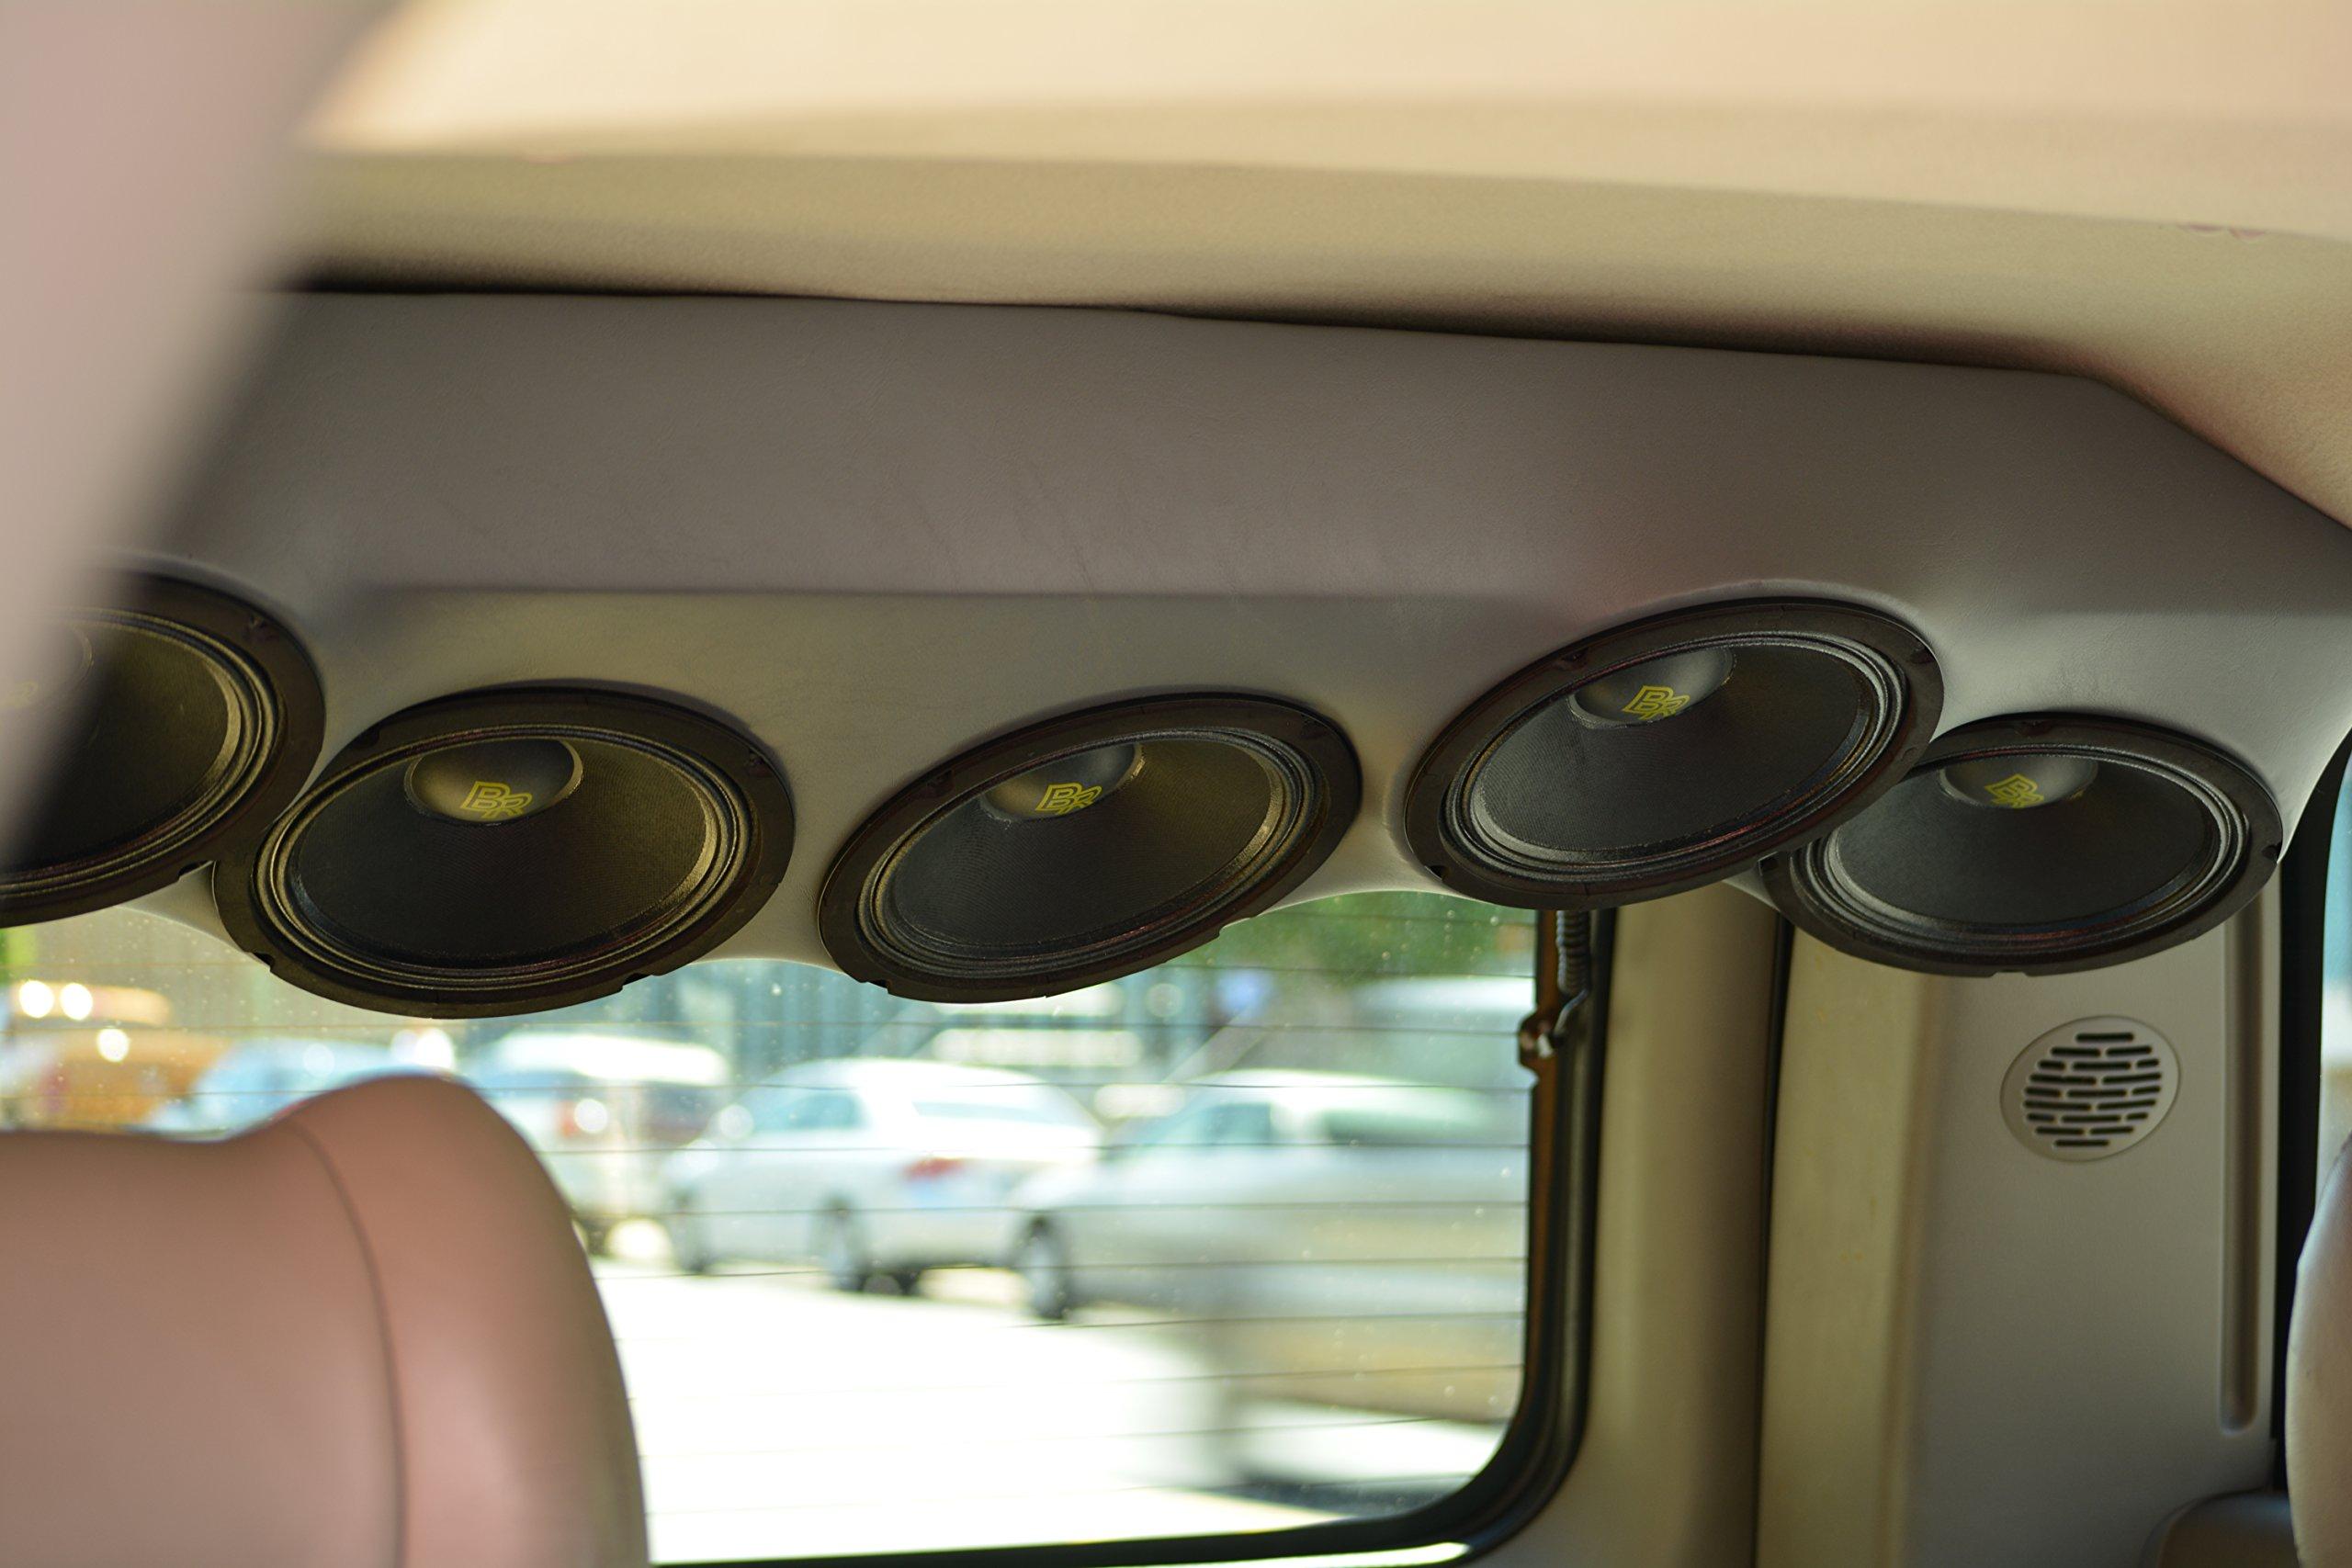 Bass Rockers 6.5'' 300W Closed Basket Mid-Range Speaker (BRM6C) by Bassrockers.net (Image #6)